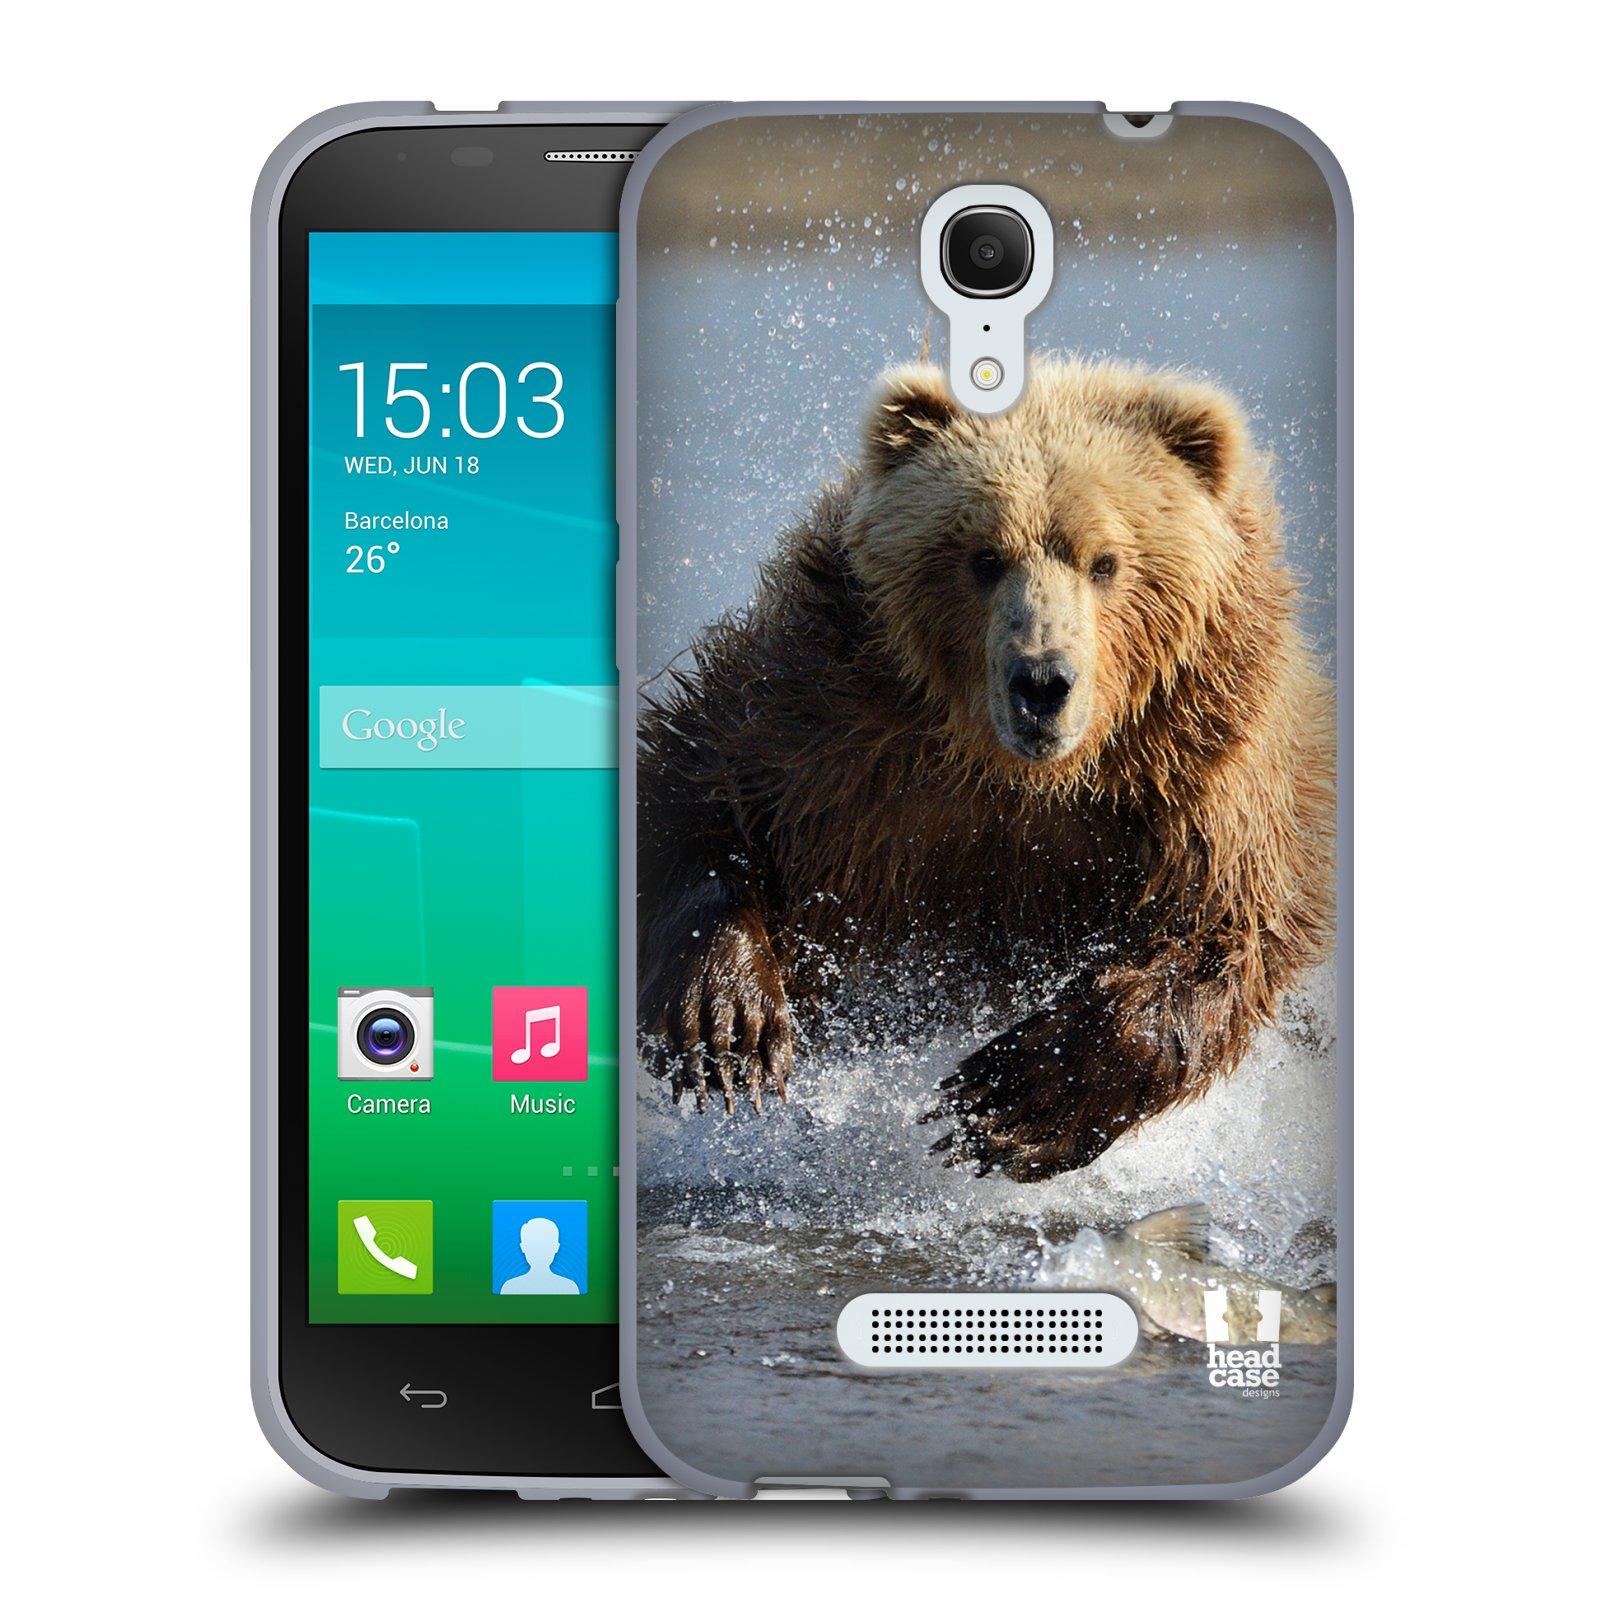 HEAD CASE silikonový obal na mobil Alcatel POP S7 vzor Divočina, Divoký život a zvířata foto MEDVĚD GRIZZLY HŇEDÁ